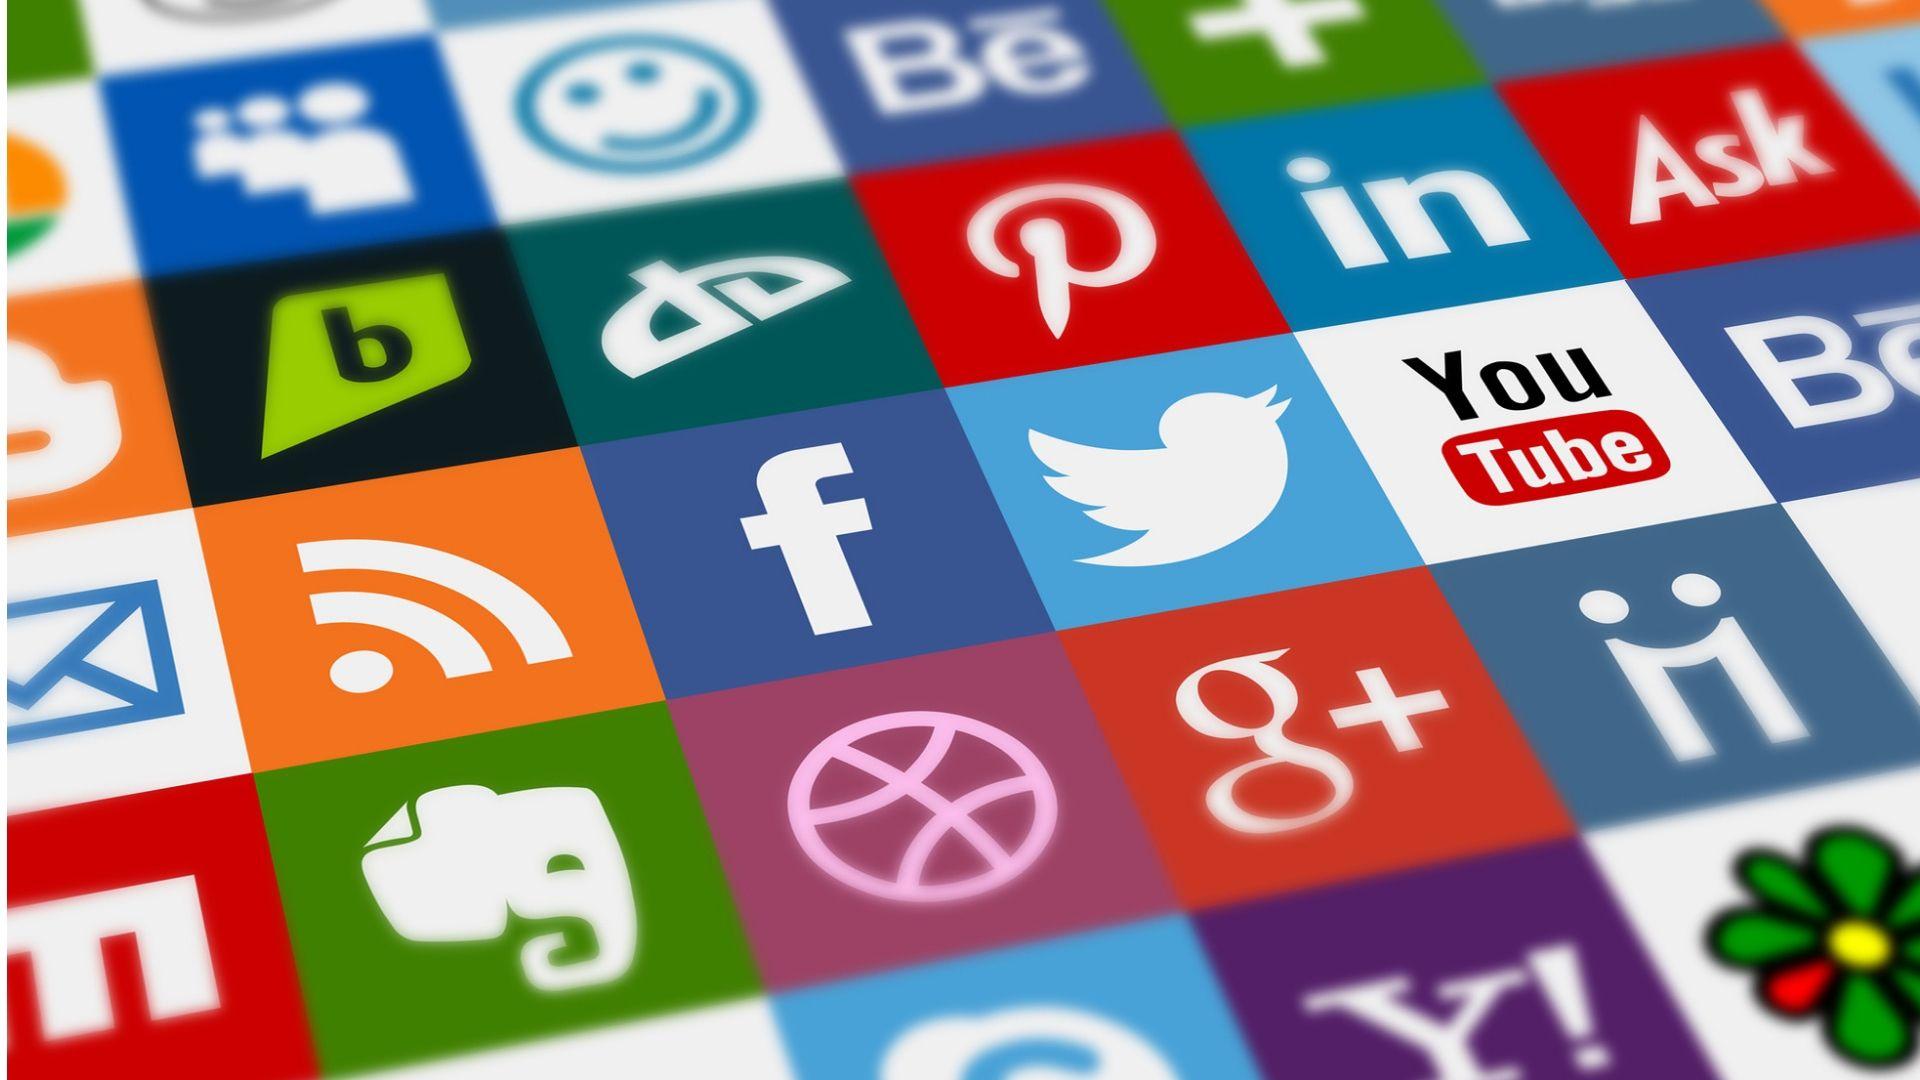 ¿Sabes si tu negocio ya está en la red social más utilizada en México? Descúbrelo y vende en grande